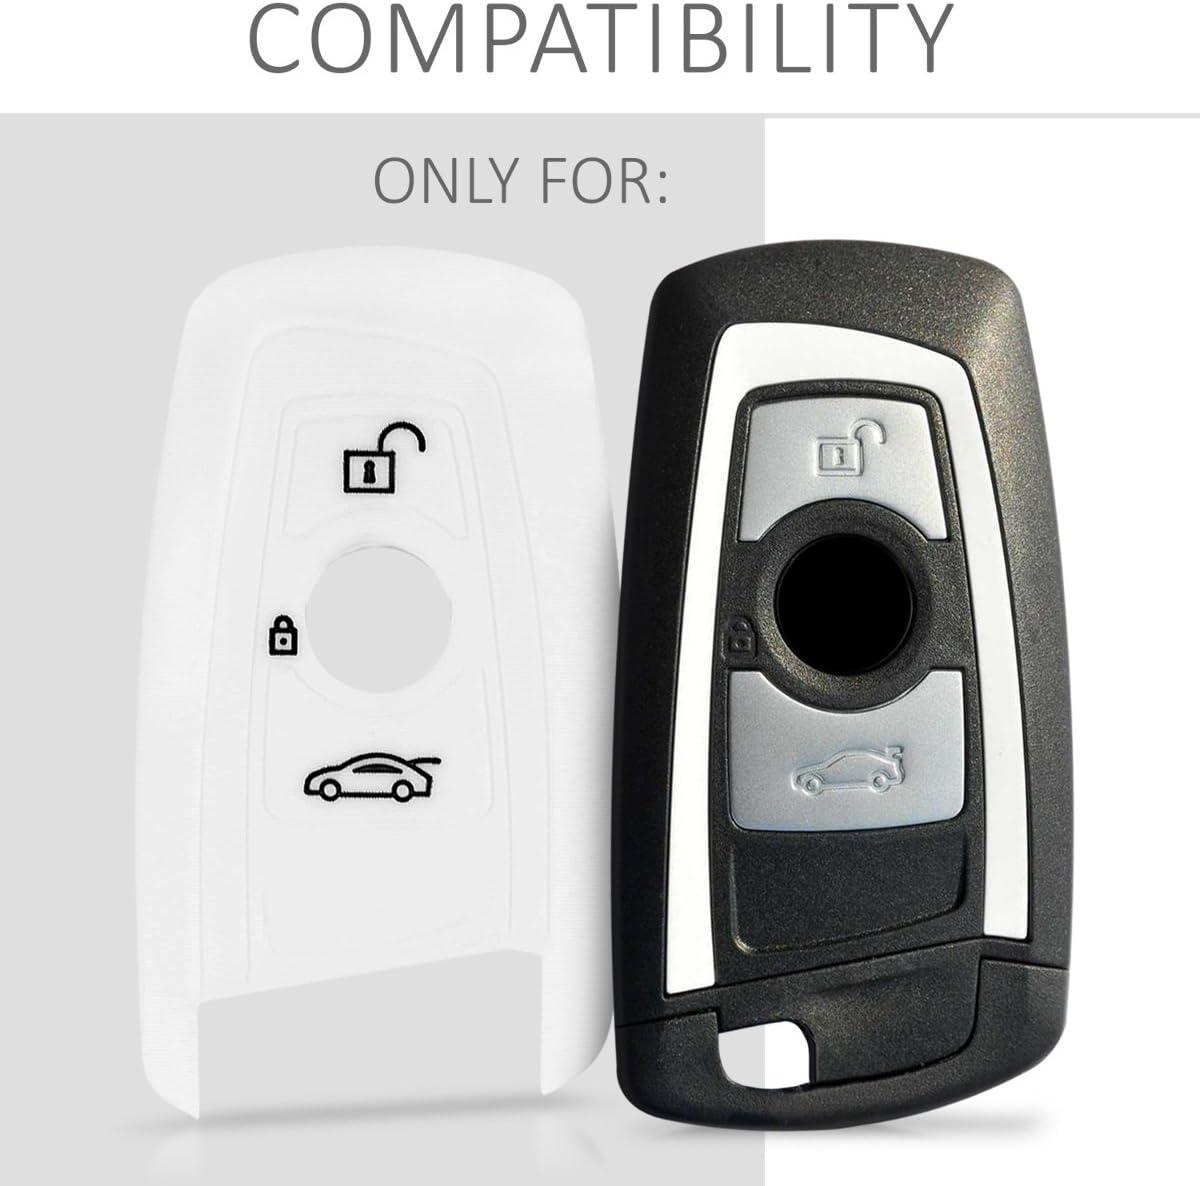 /Étui de Protection Souple BMW 3-Bouton en Silicone m/étallique dor/é Coque pour Clef de Voiture /à Distance kwmobile Accessoire cl/é de Voiture pour BMW Keyless Go Uniquement